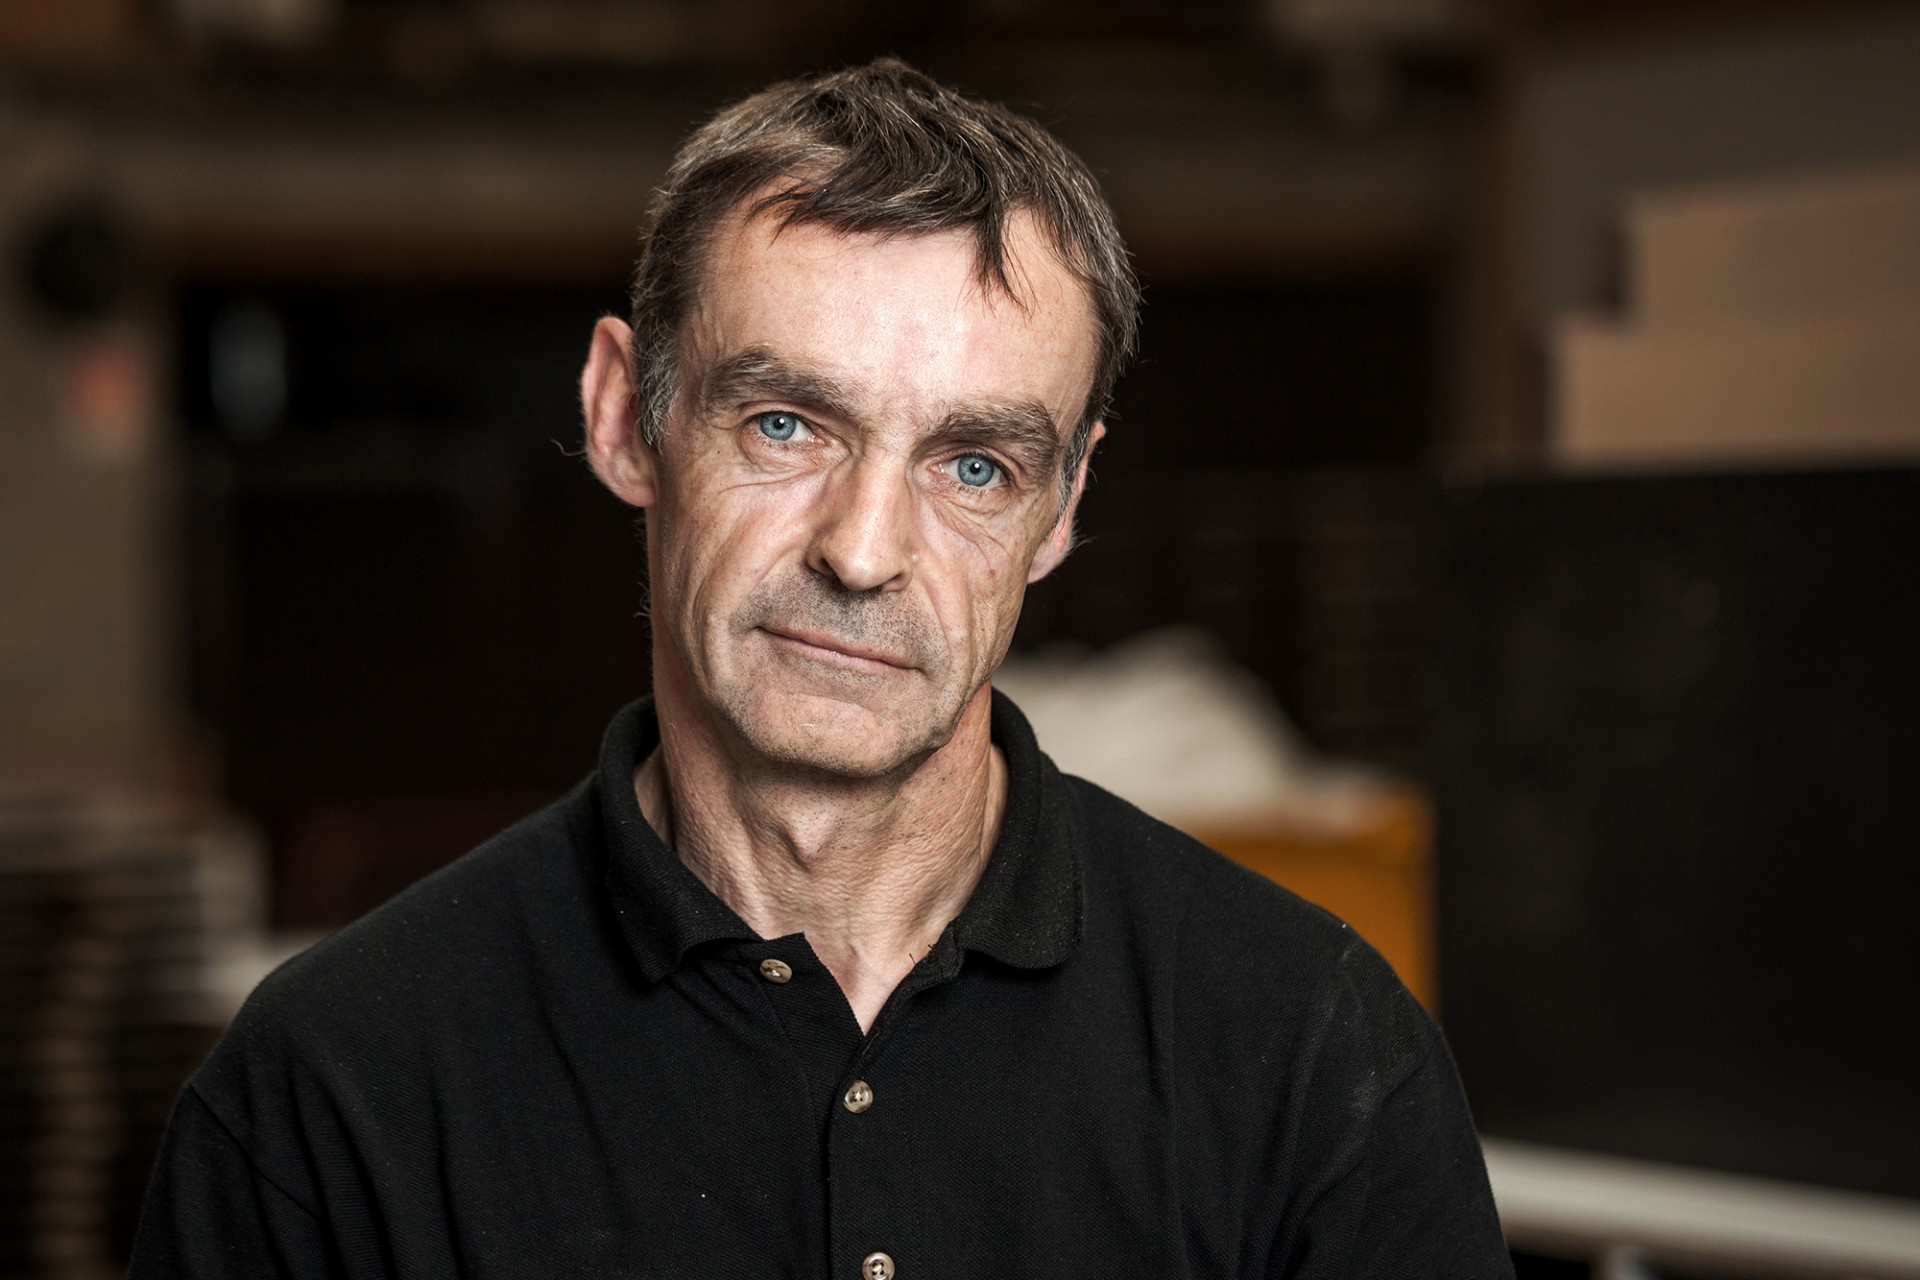 Stahlarbeiter Portrait Fotoshooting in Paris für die Firma Ideaform